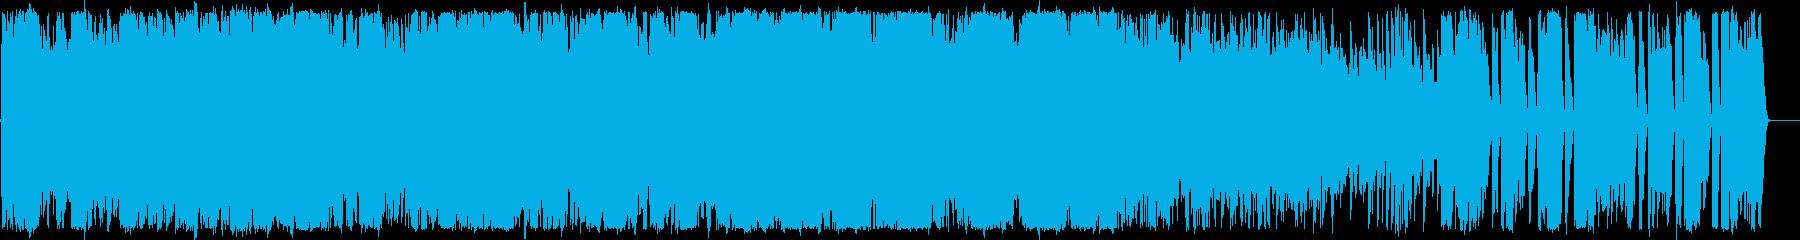 硬質でメロディアスなトランスの再生済みの波形